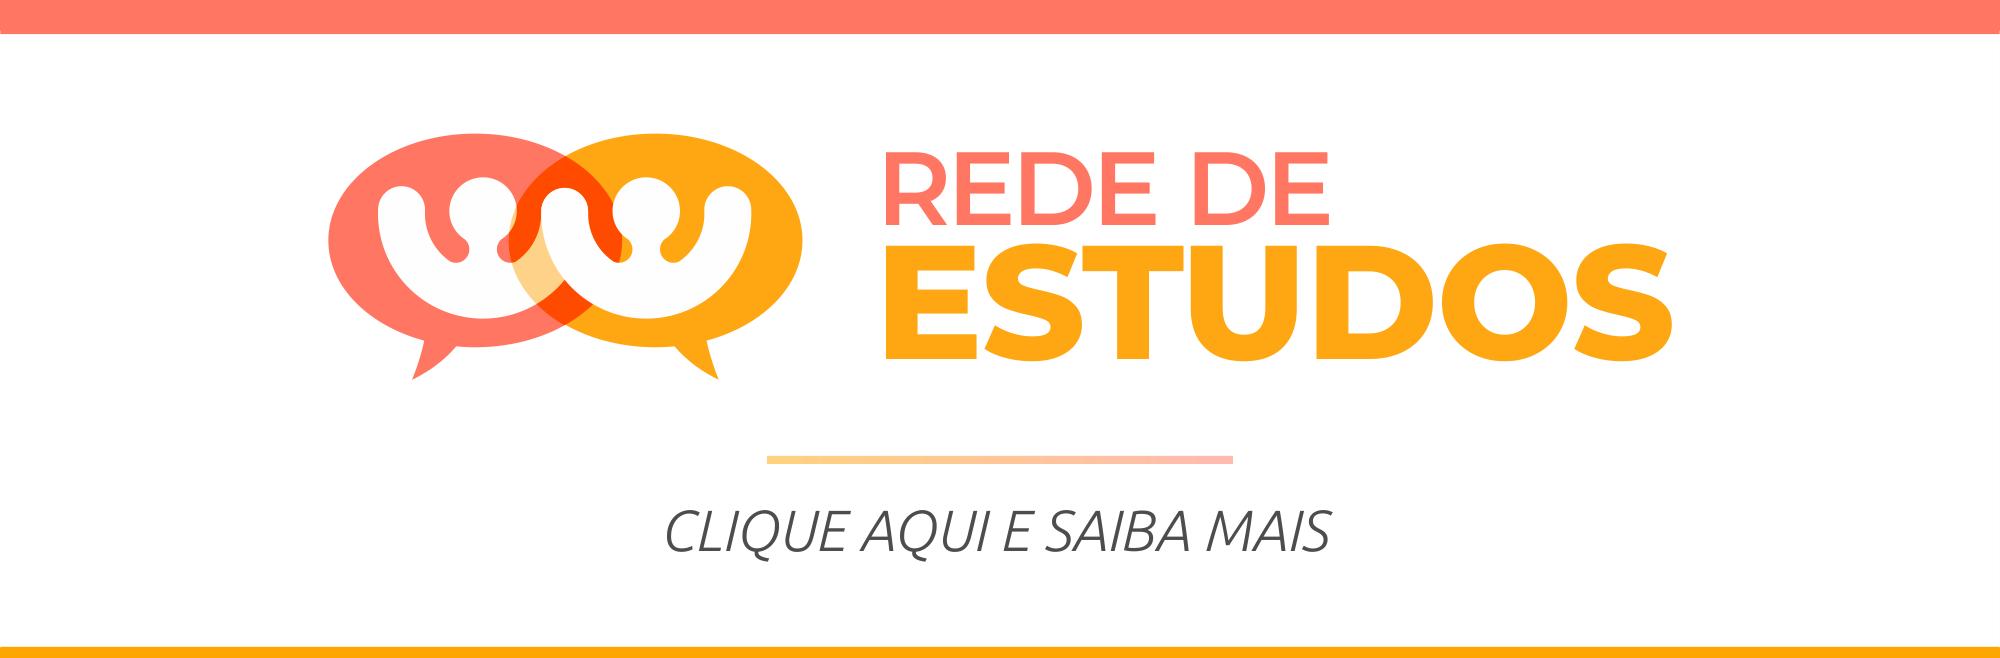 REDE DE ESTUDOS